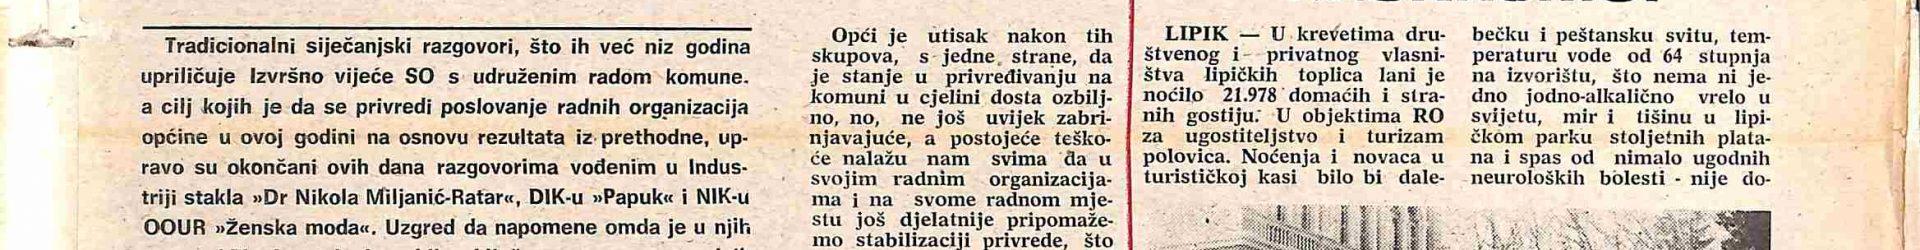 10 veljače 1983._Page_1